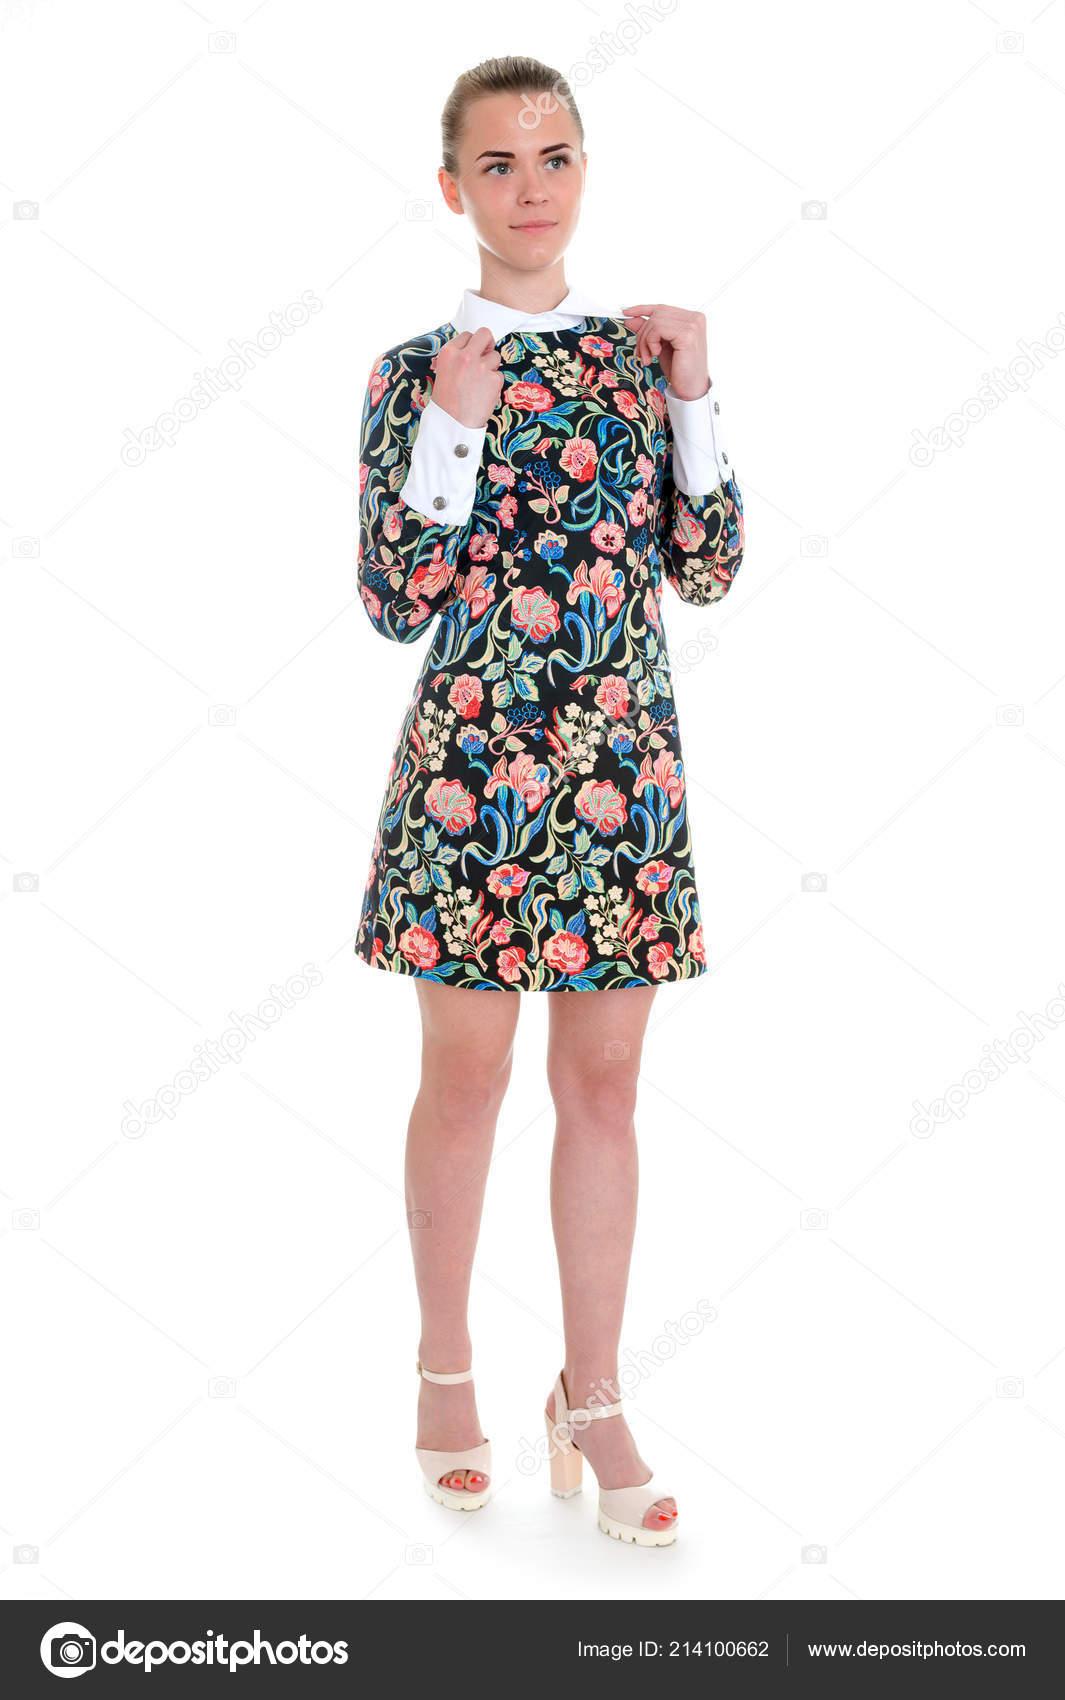 Rubio Moda Modelo Ejecutiva Empresaria Verano Impreso Floral